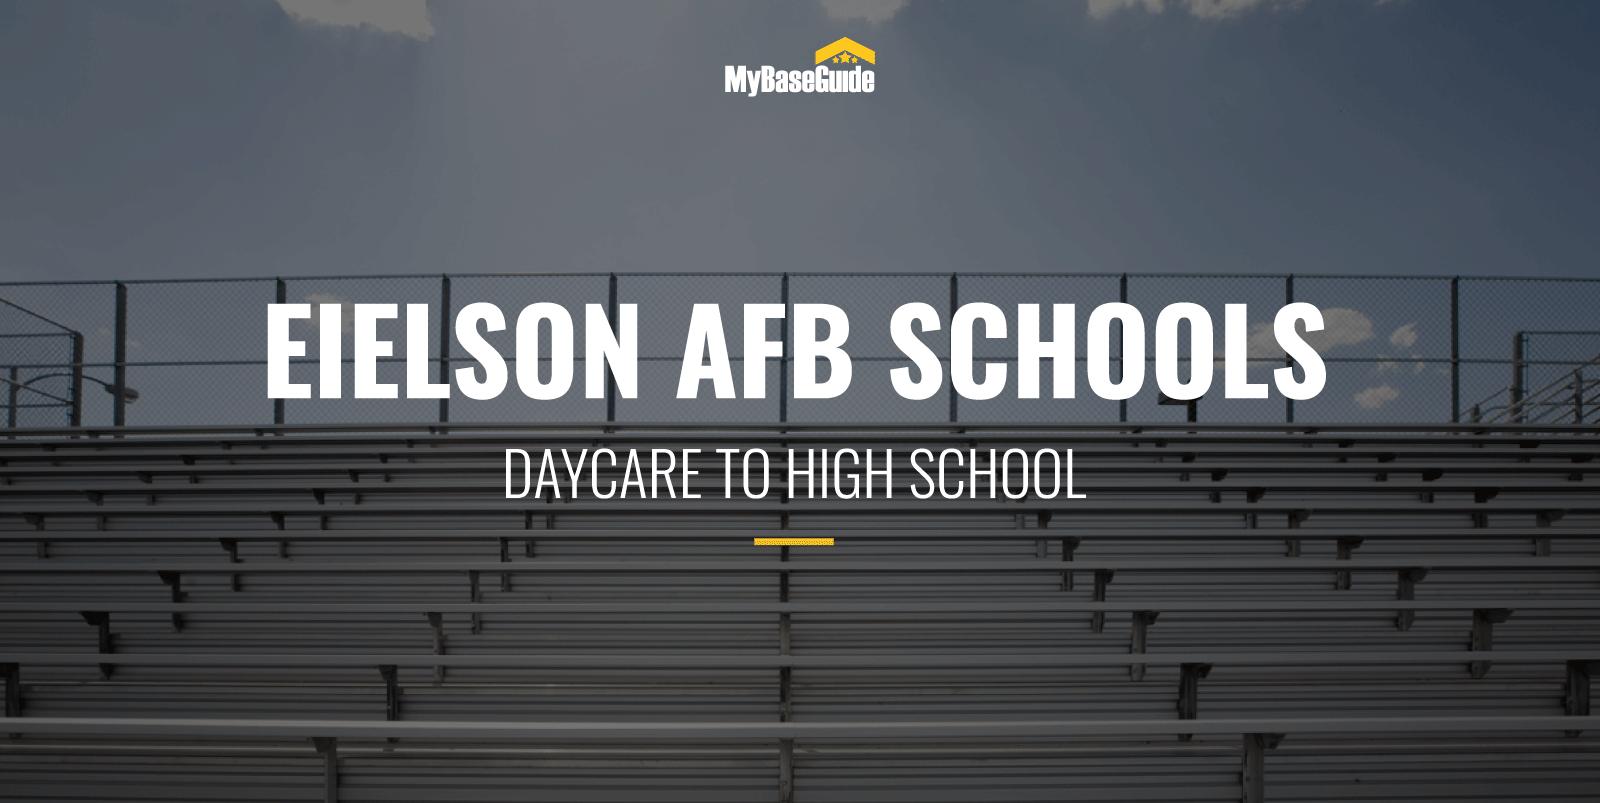 Eielson AFB Schools: Daycare - High School